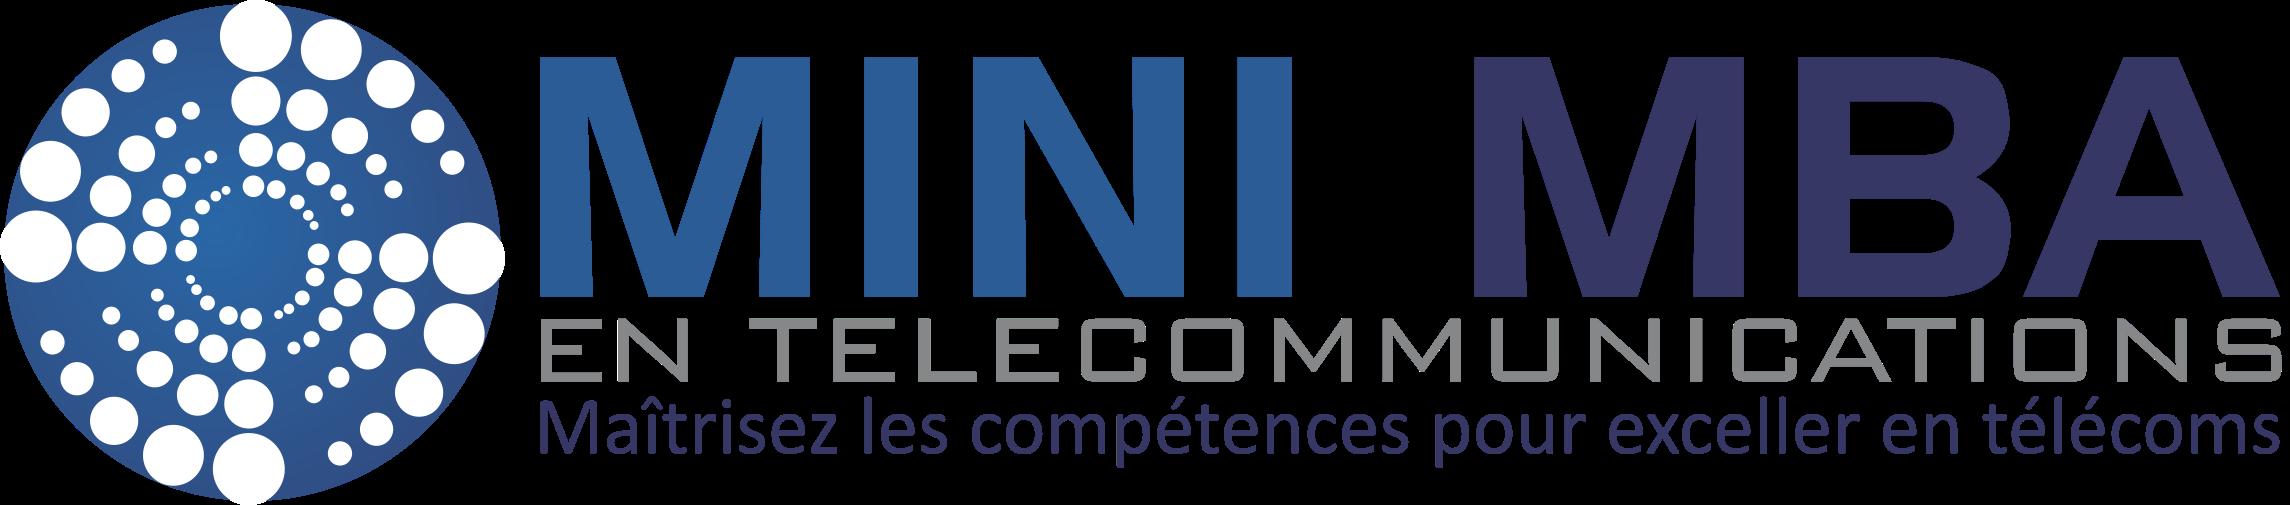 Mini MBA en Télécommunications